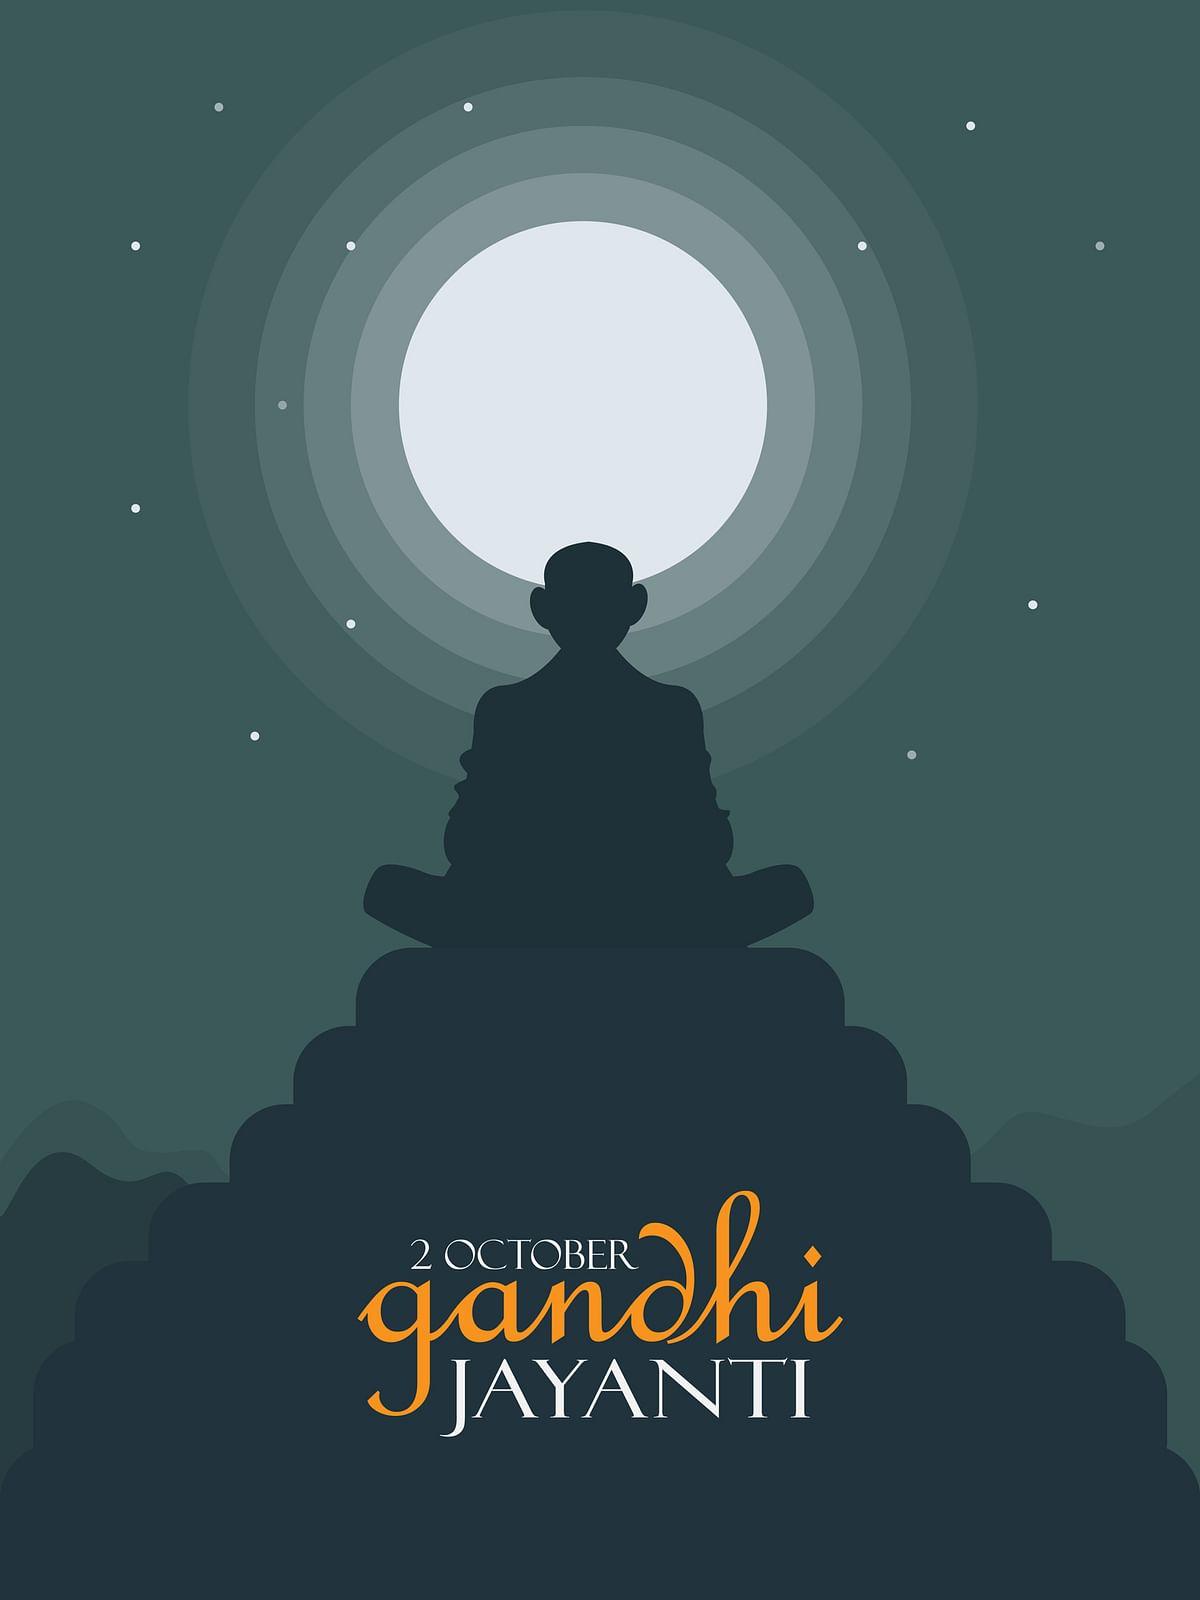 Gandhi Jayanti 2020